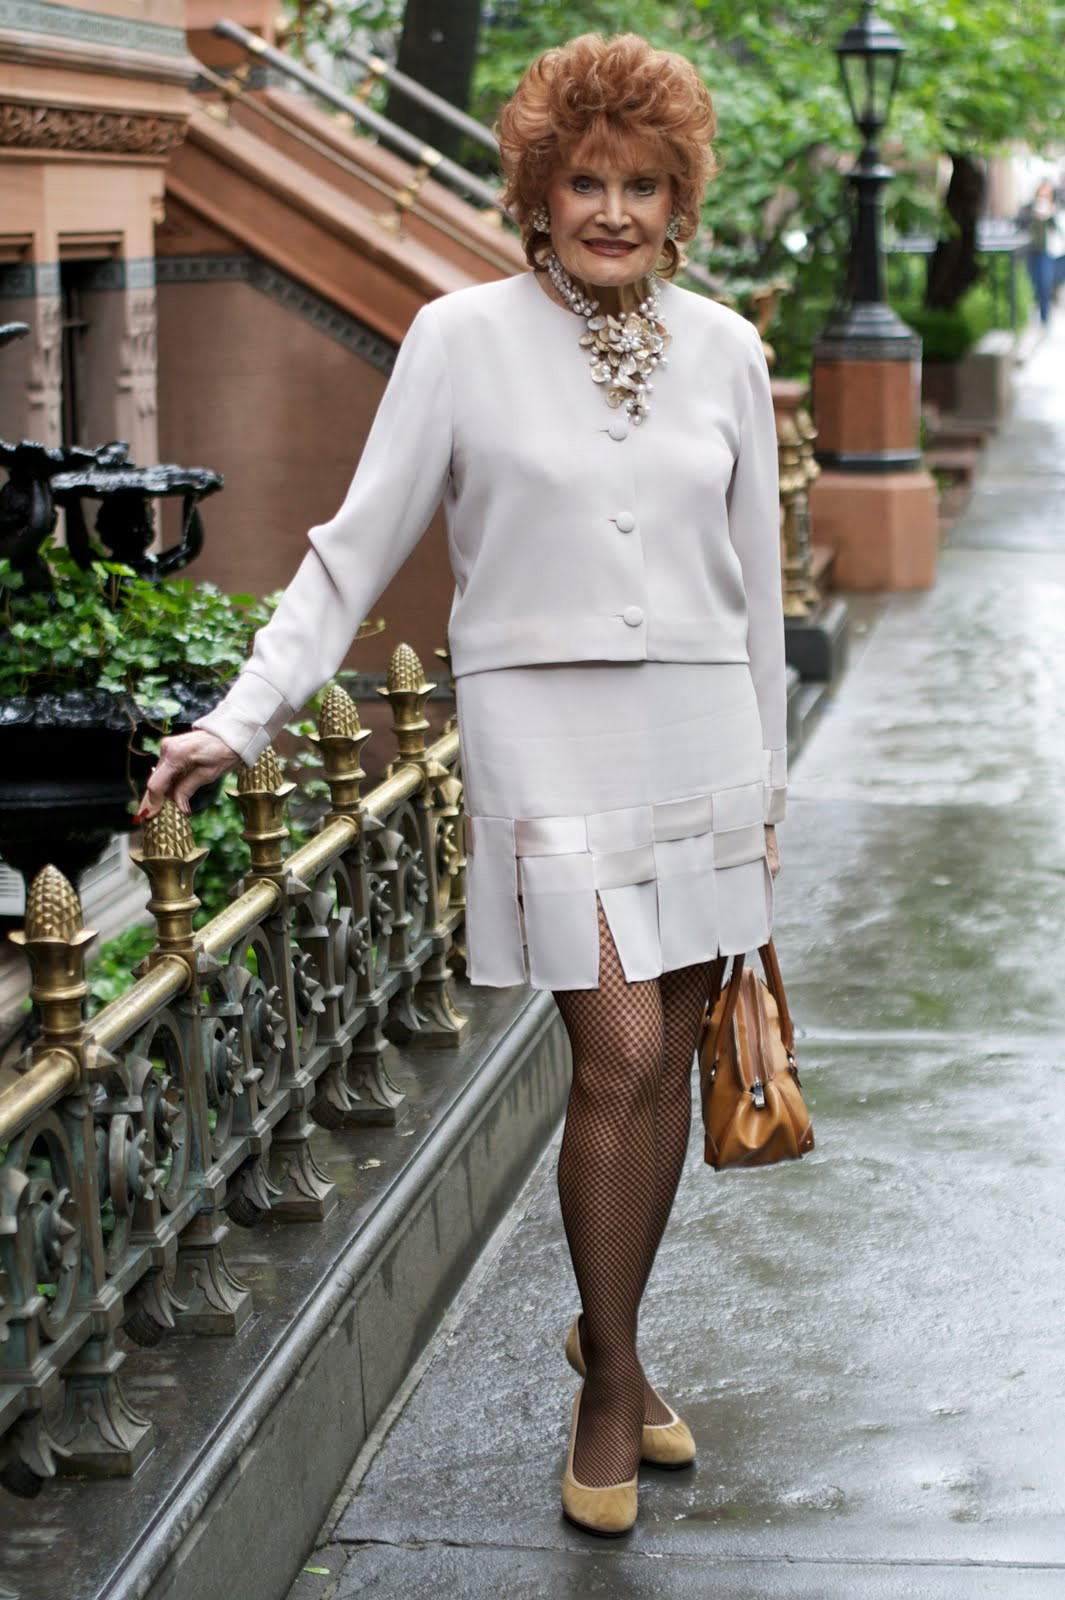 Mode Für Ältere Frauen Ab 60 63 Fotos Kleidung Für 60